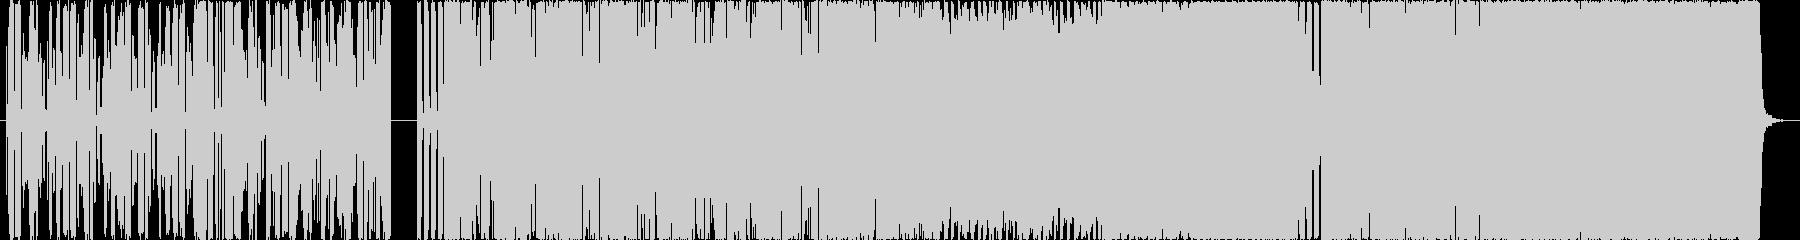 Bassが特徴的なHIPHOPの未再生の波形